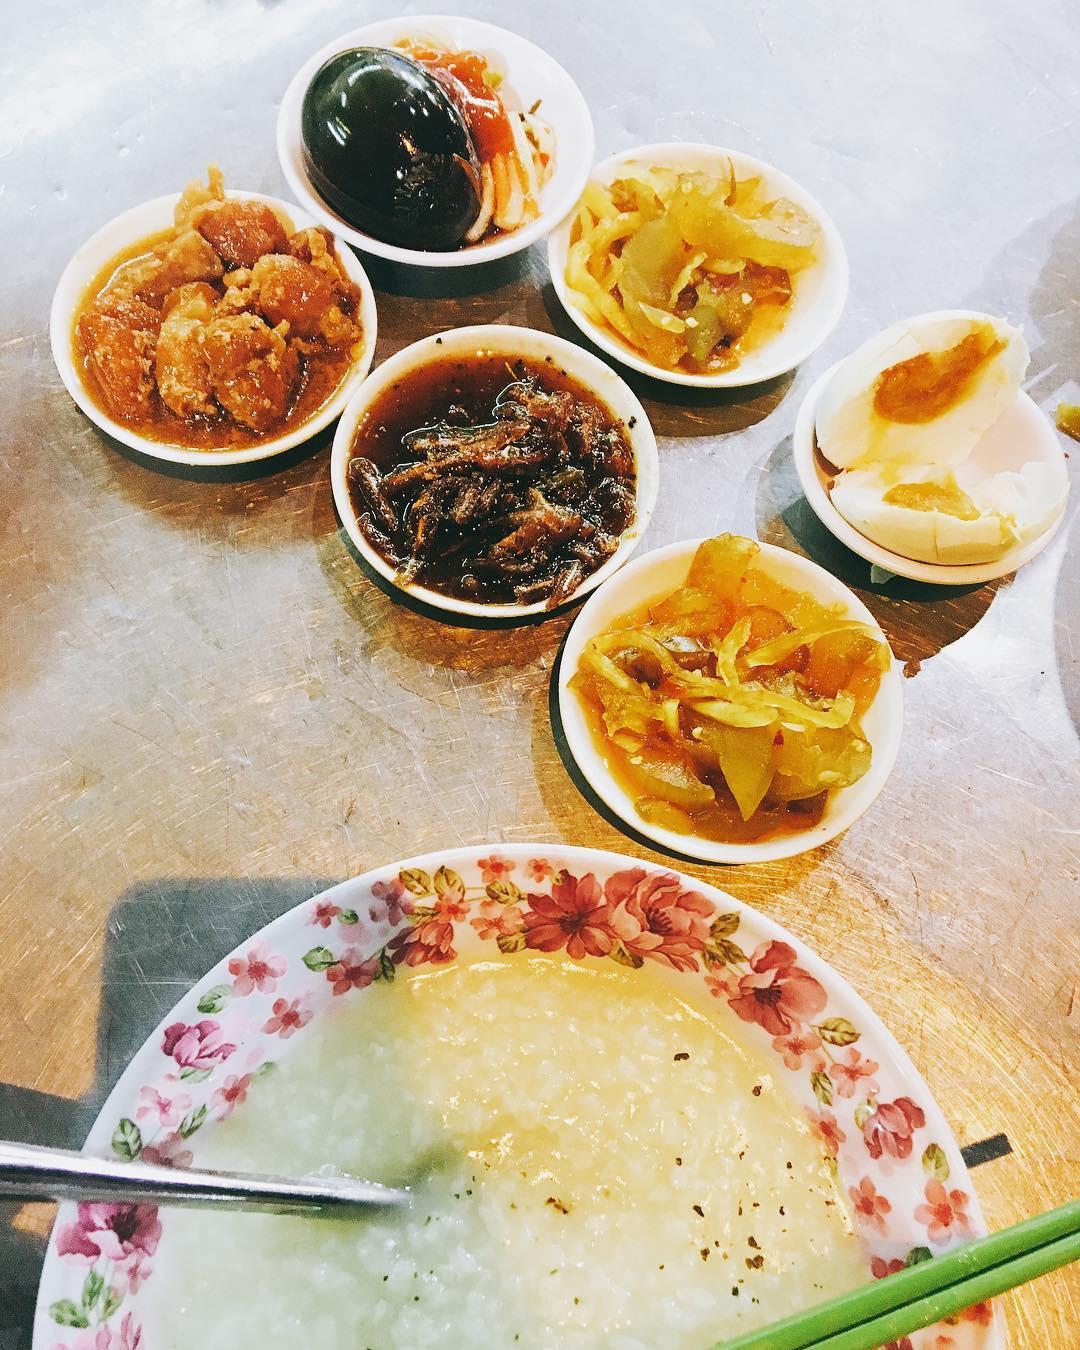 Cháo trắng lá dứa, món ăn thanh đạm đêm khuya của người Sài Gòn - Ảnh 2.